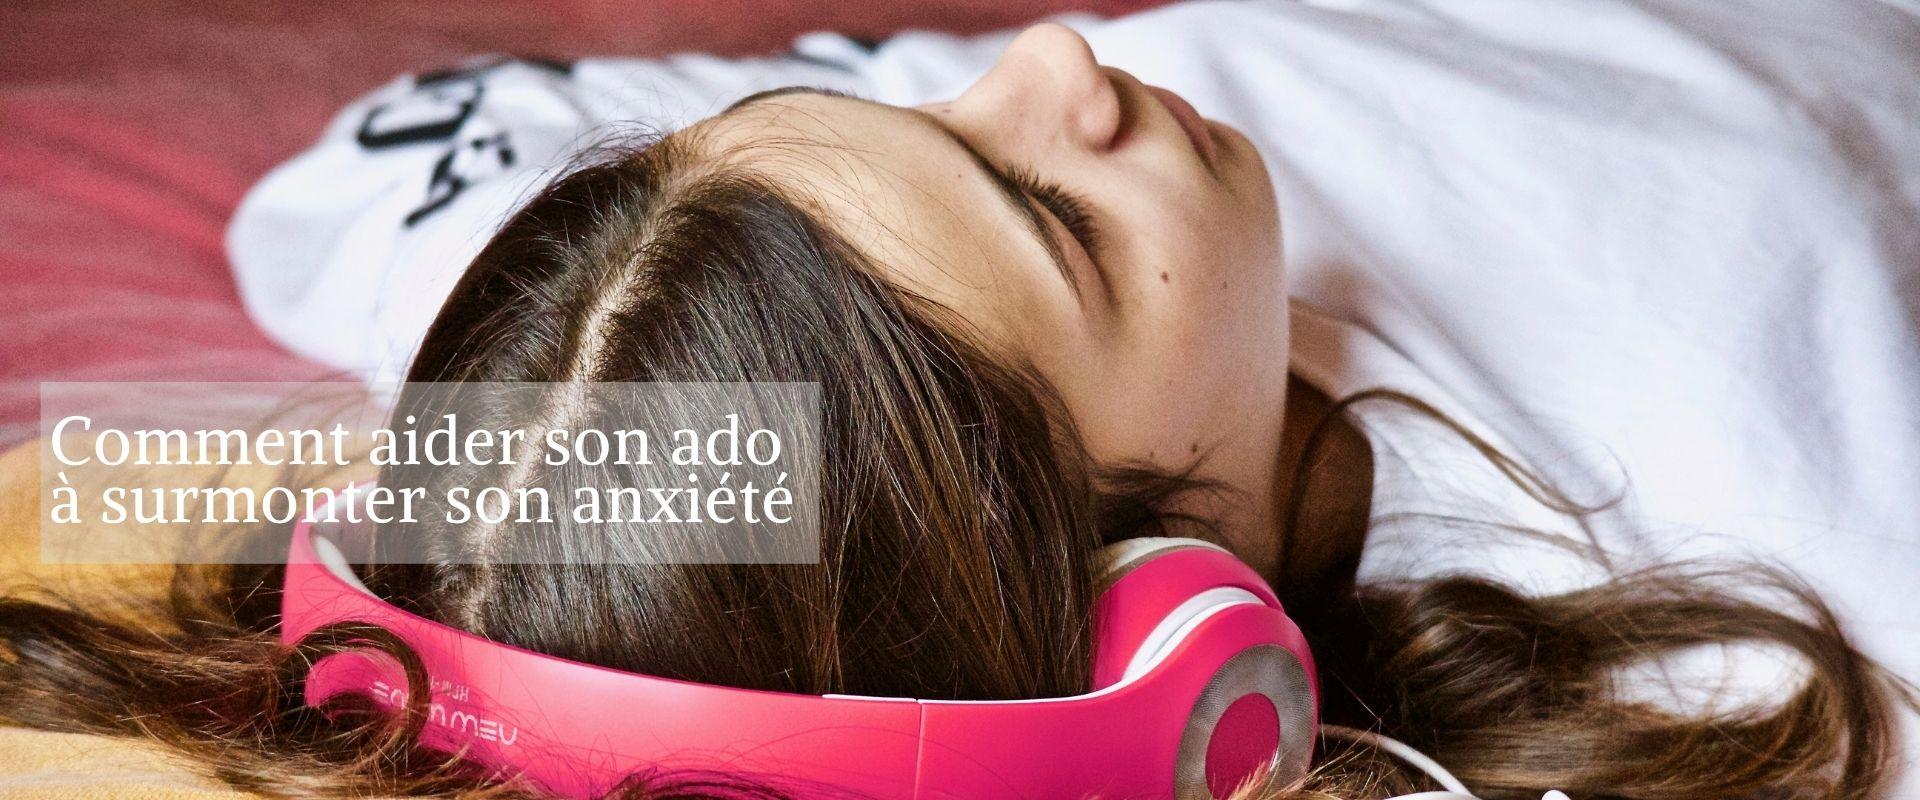 Comment aider son ado à surmonter son anxiété